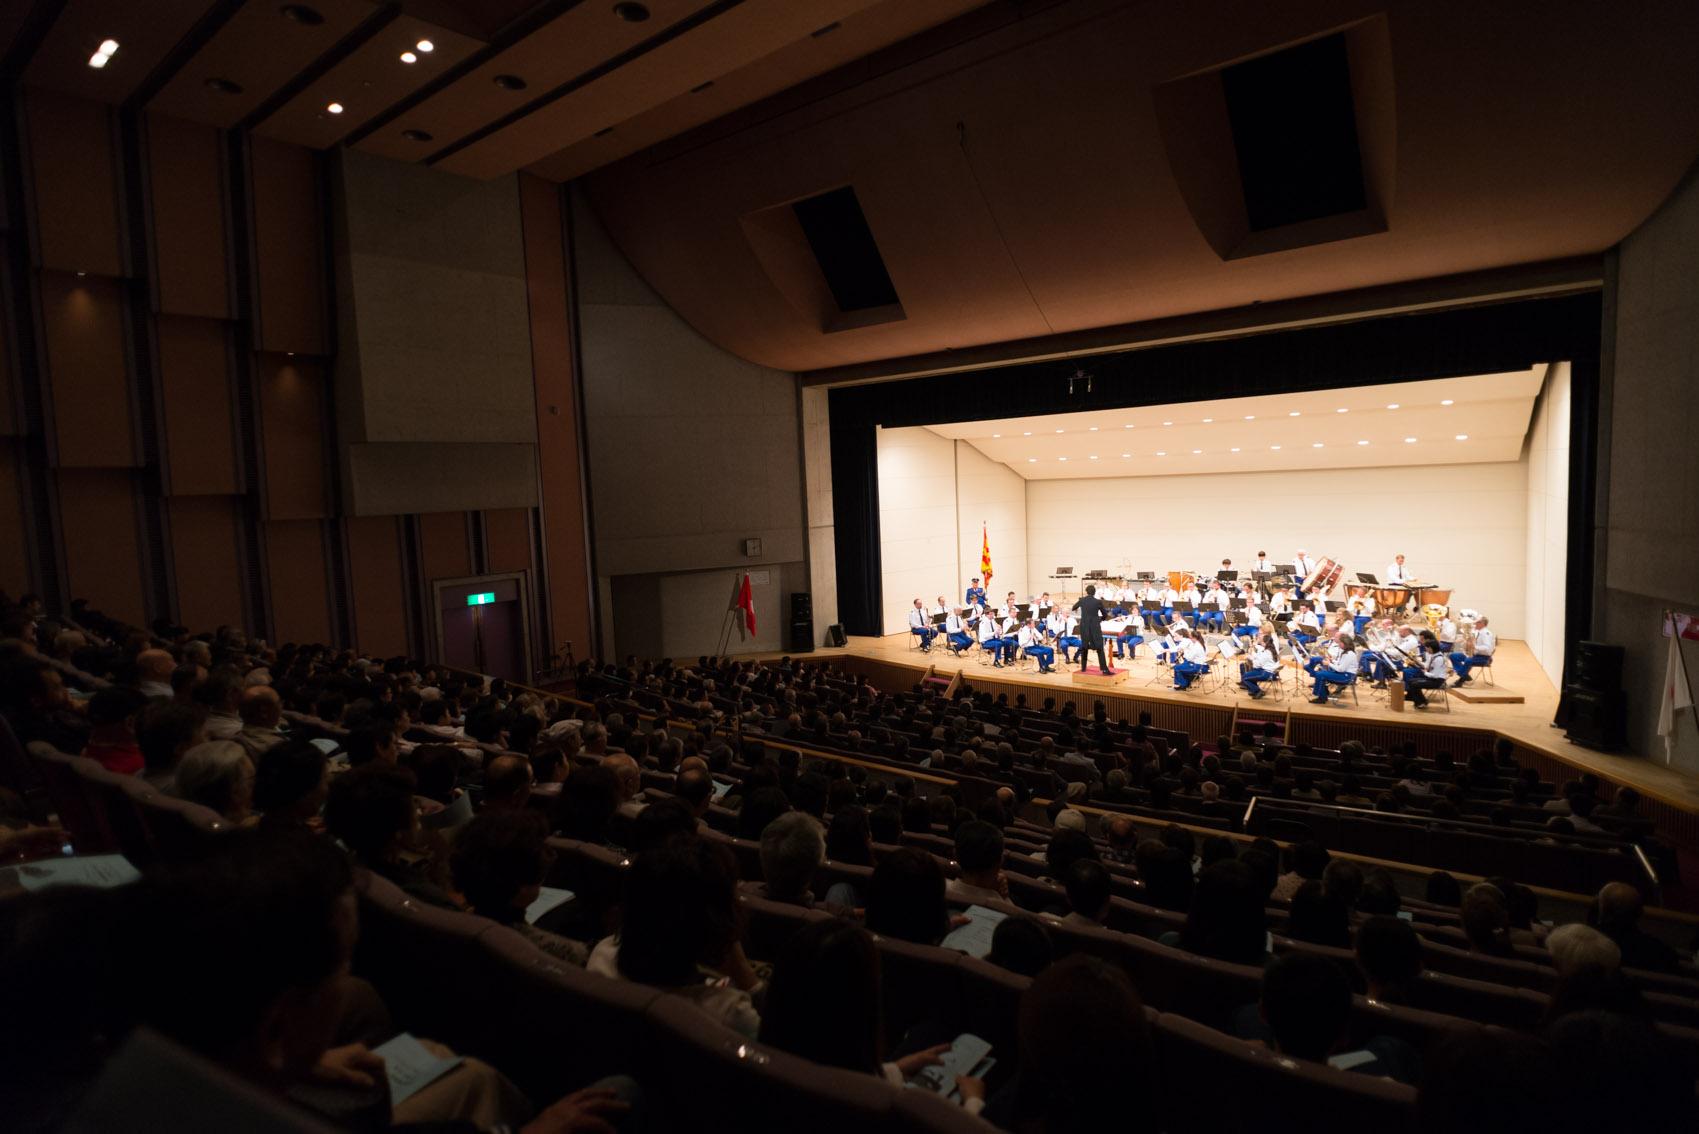 2014-10-23_Concert-Sennan_07